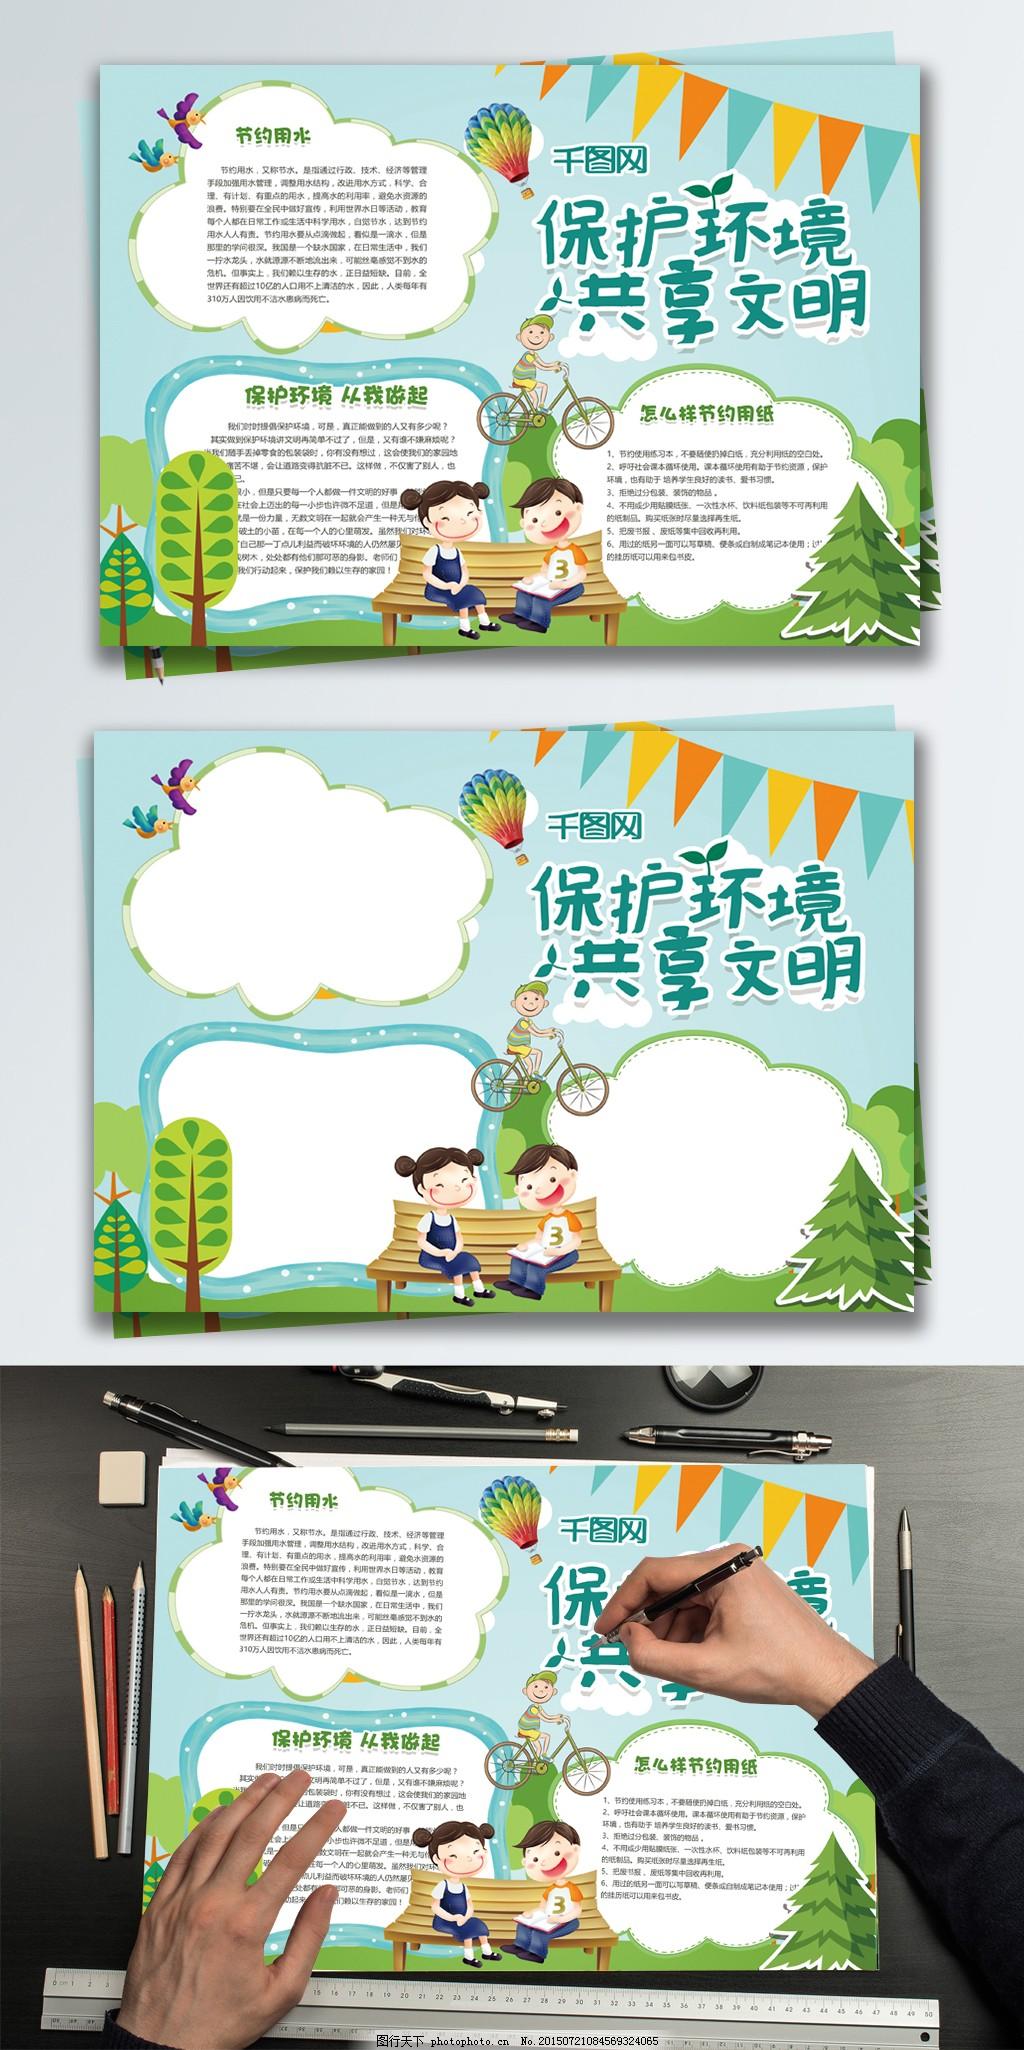 绿色卡通保护环境手抄报小报图片